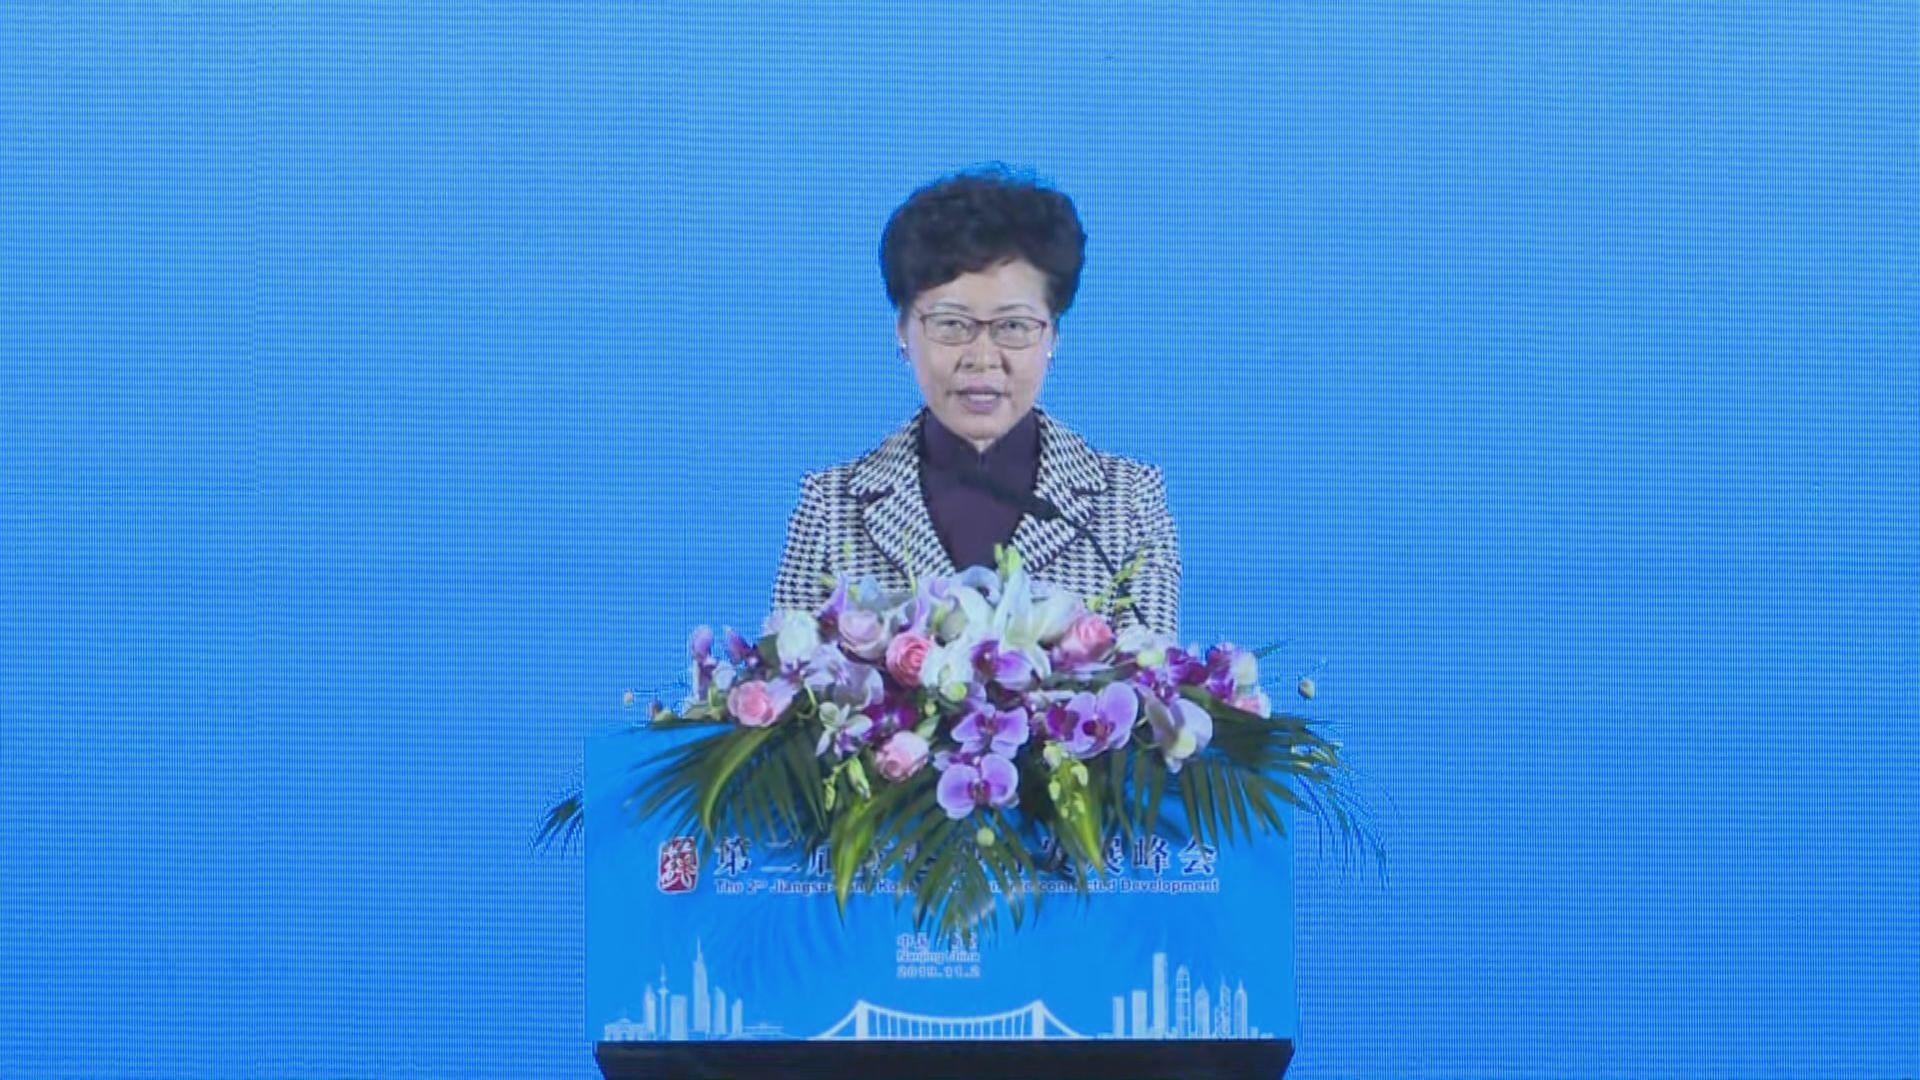 林鄭赴南京訪問 致辭時指相信香港優勢未變